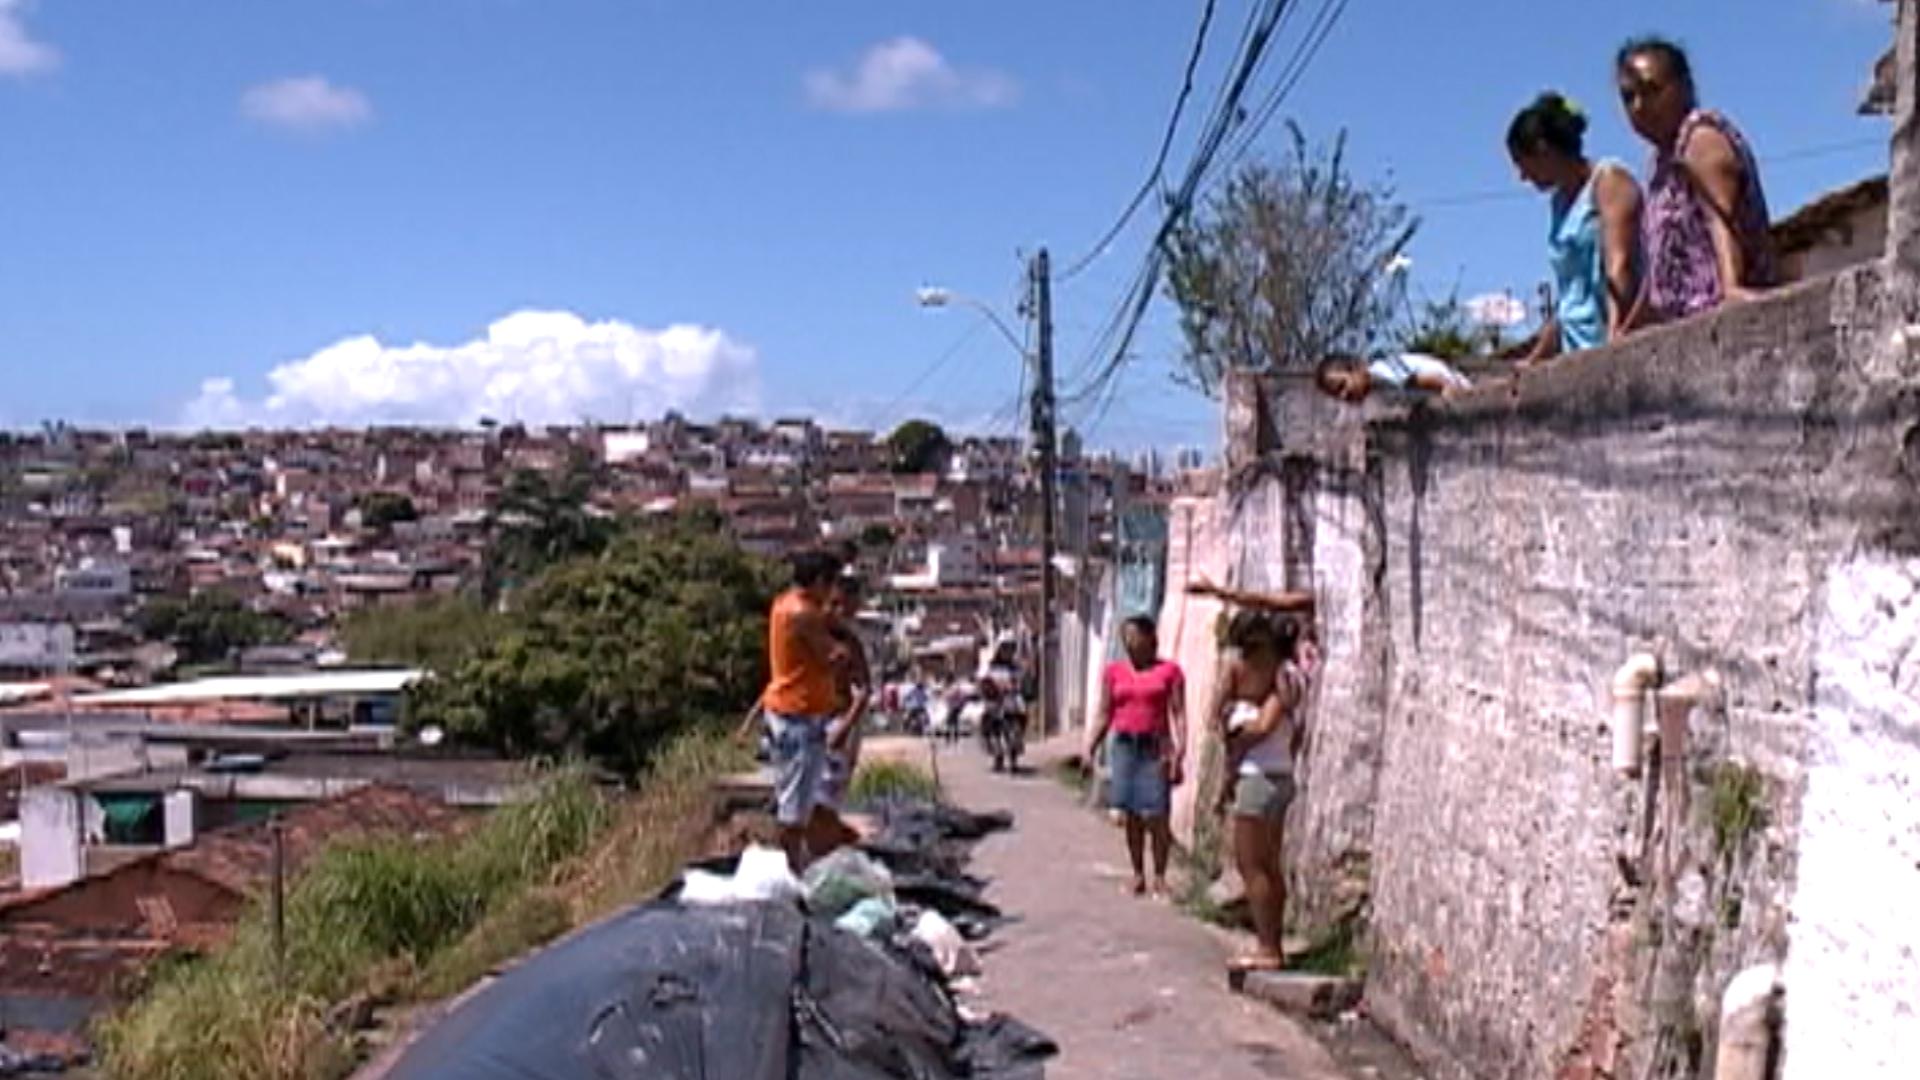 Garoto foi baleado quando voltava para casa. Fotos: TV Clube/Reprodução